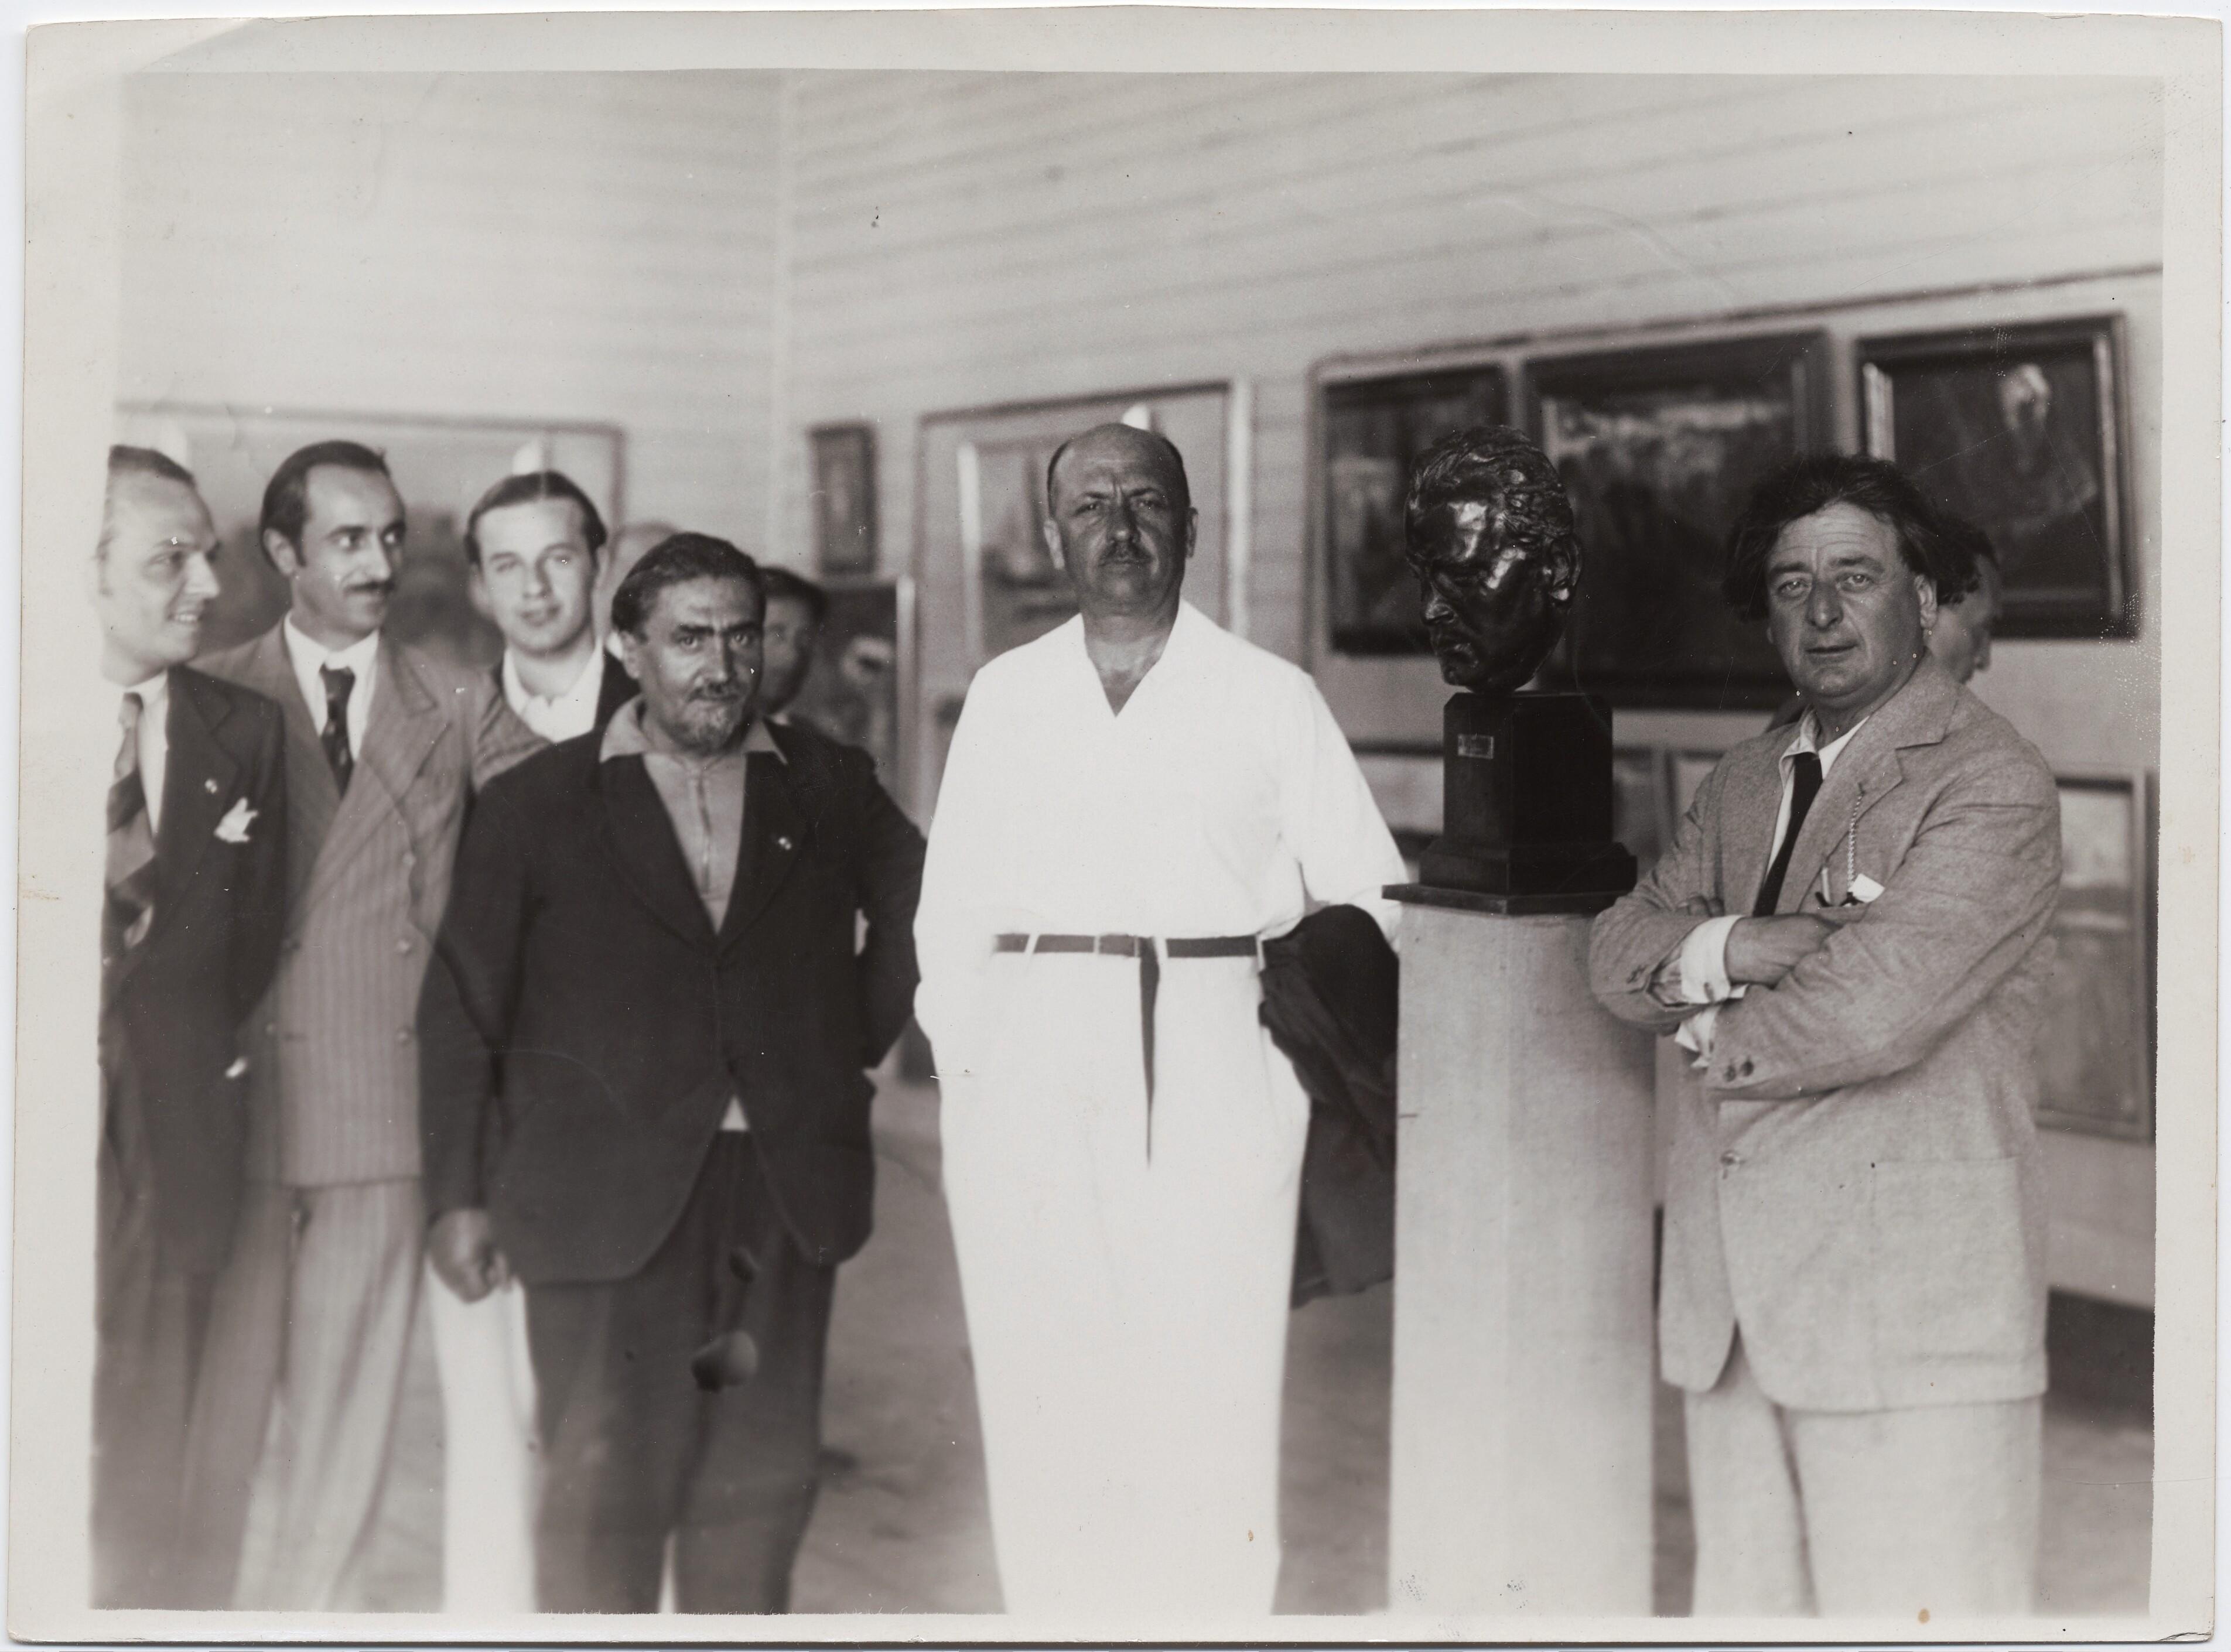 1932. Виареджо. Маринетти с несколькими мужчинами на выставке